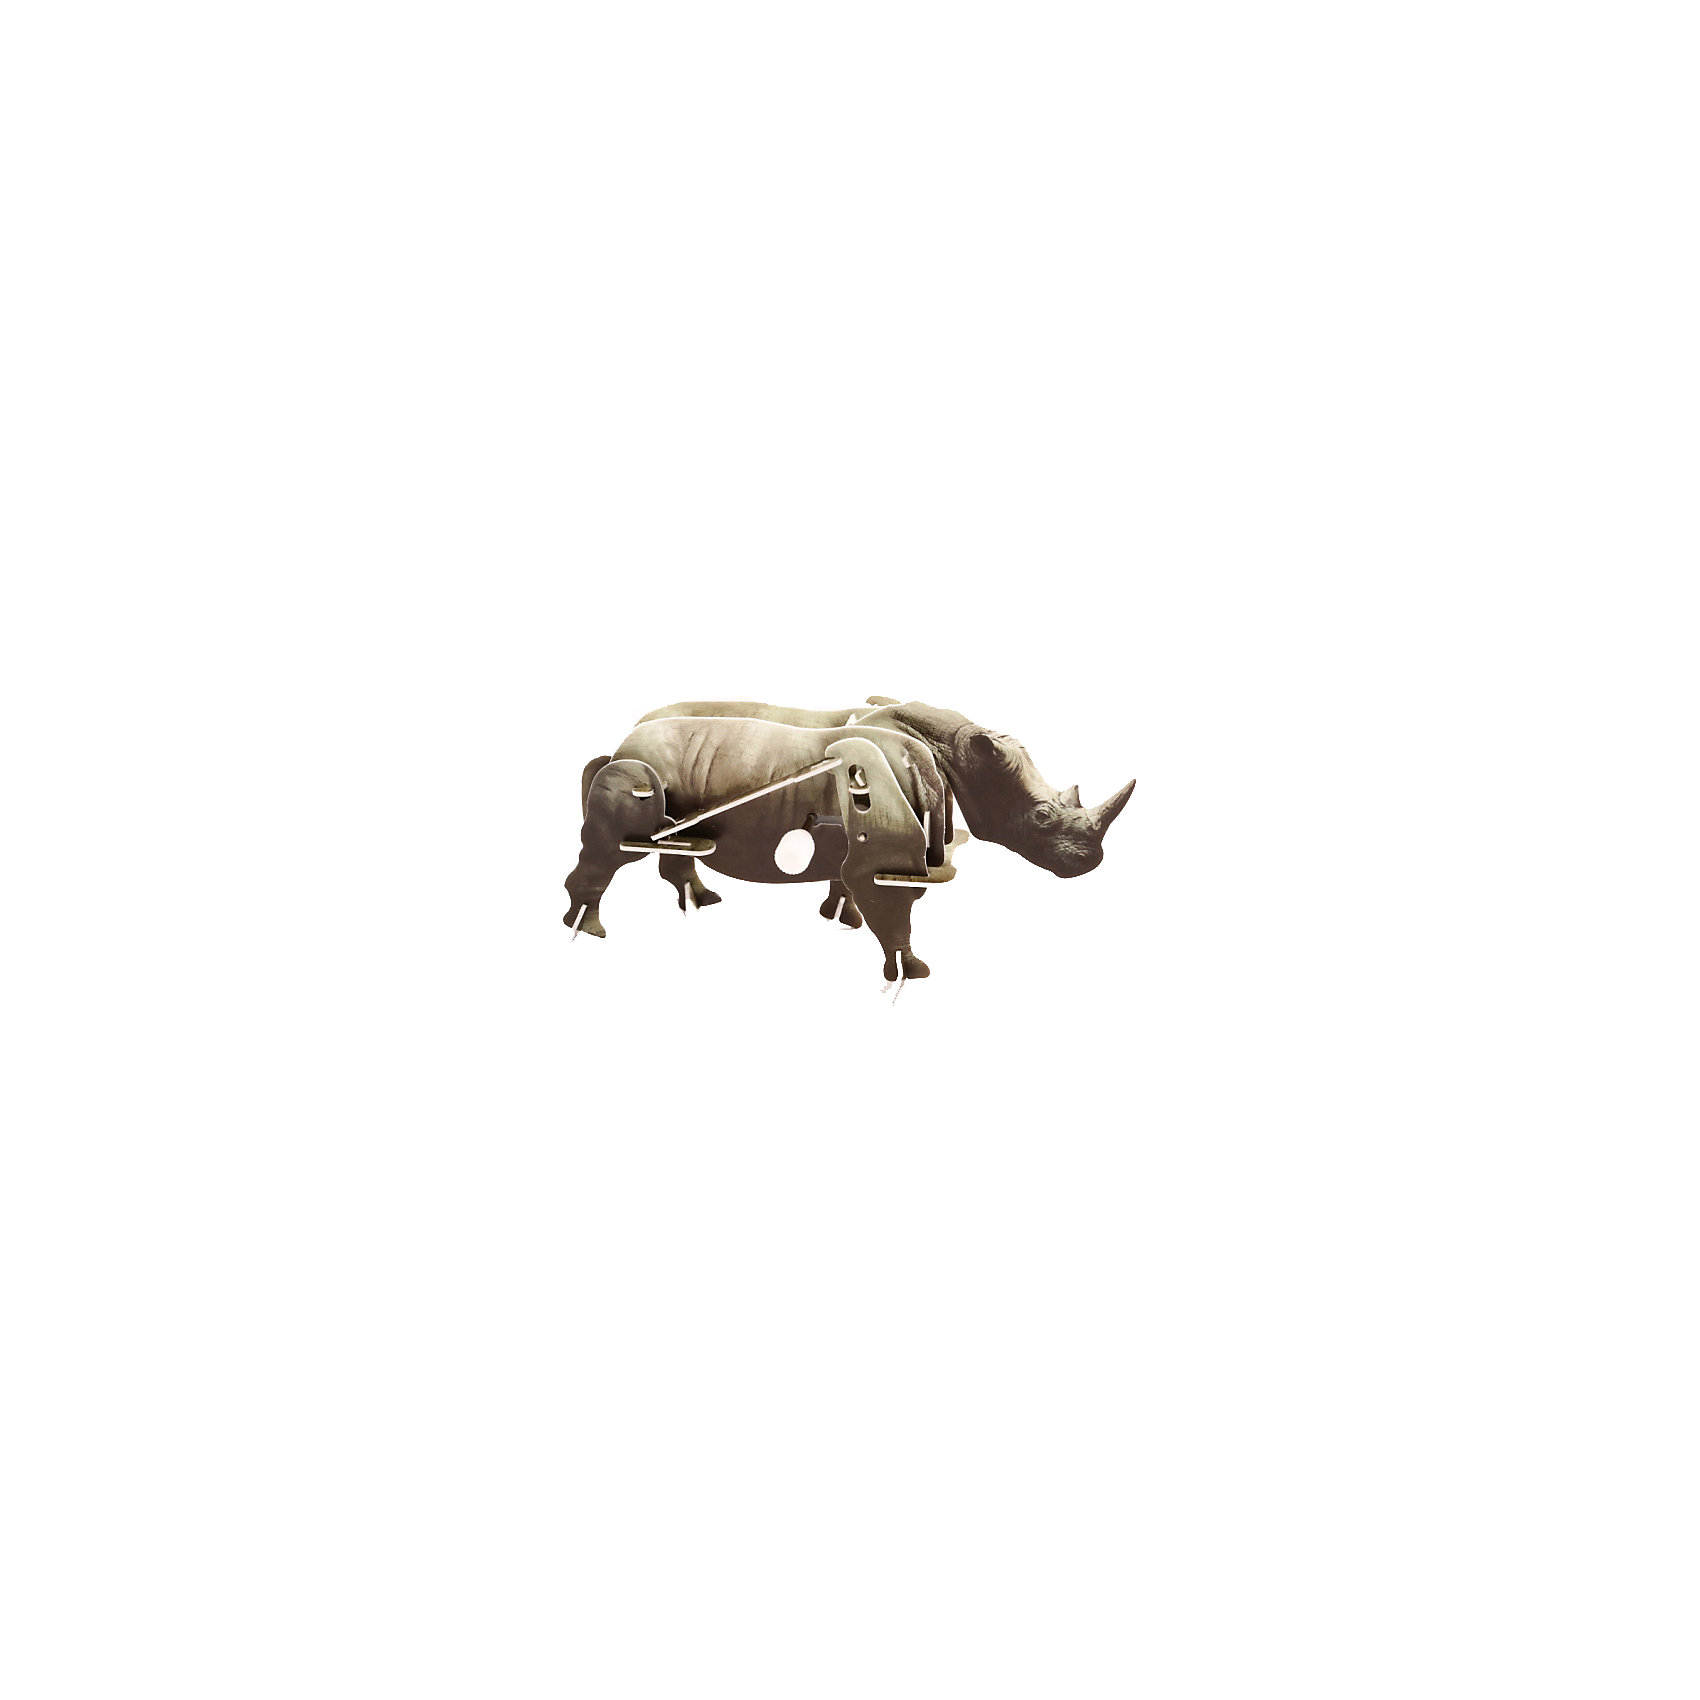 Конструктор – 3D пазл заводной: Носорог, UFПластмассовые конструкторы<br>Фигурку заводного носорога из этого набора ребенку предлагается собрать своими руками. Для сборки используются прочные пластиковые детали, которые вставляются друг в друга без клея. Интересный момент: в конструкции присутствует заводной механизм. Именно он будет заставлять фигурку перебирать ногами и двигаться. Сборка пазла тренирует пространственное мышление, воображение и моторику пальцев, а с готовой фигуркой интересно играть.<br><br>Ширина мм: 135<br>Глубина мм: 100<br>Высота мм: 25<br>Вес г: 47<br>Возраст от месяцев: 72<br>Возраст до месяцев: 1188<br>Пол: Унисекс<br>Возраст: Детский<br>SKU: 5516765